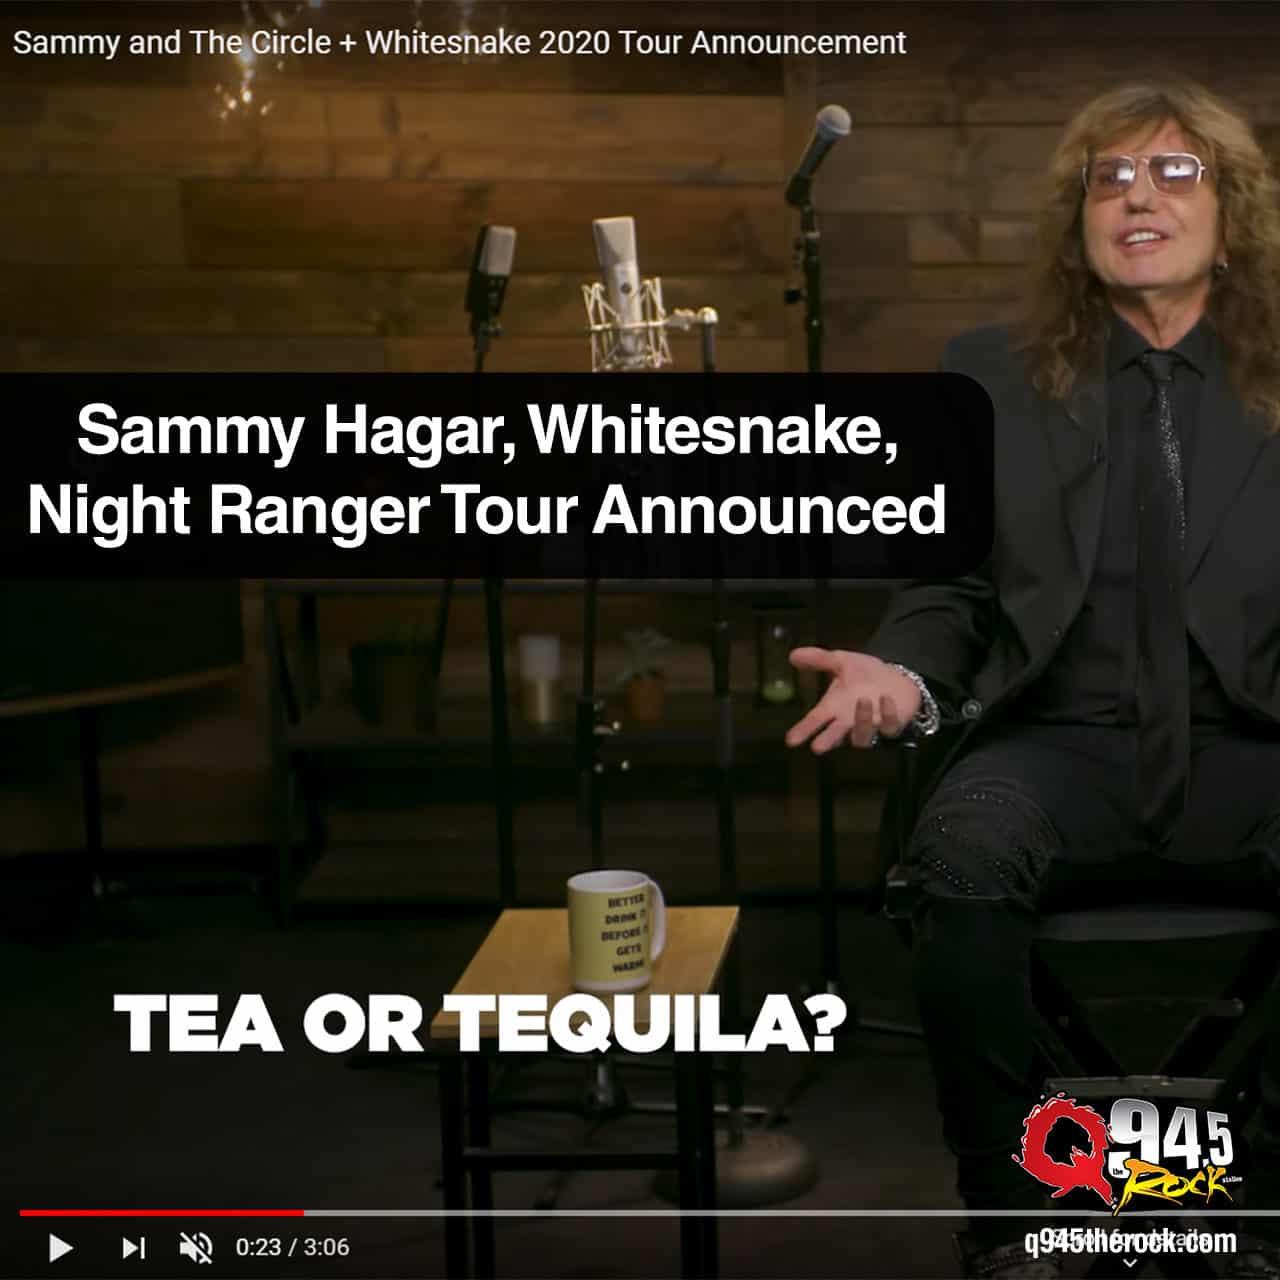 Sammy Hagar, Whitesnake, Night Ranger Tour Announced 1